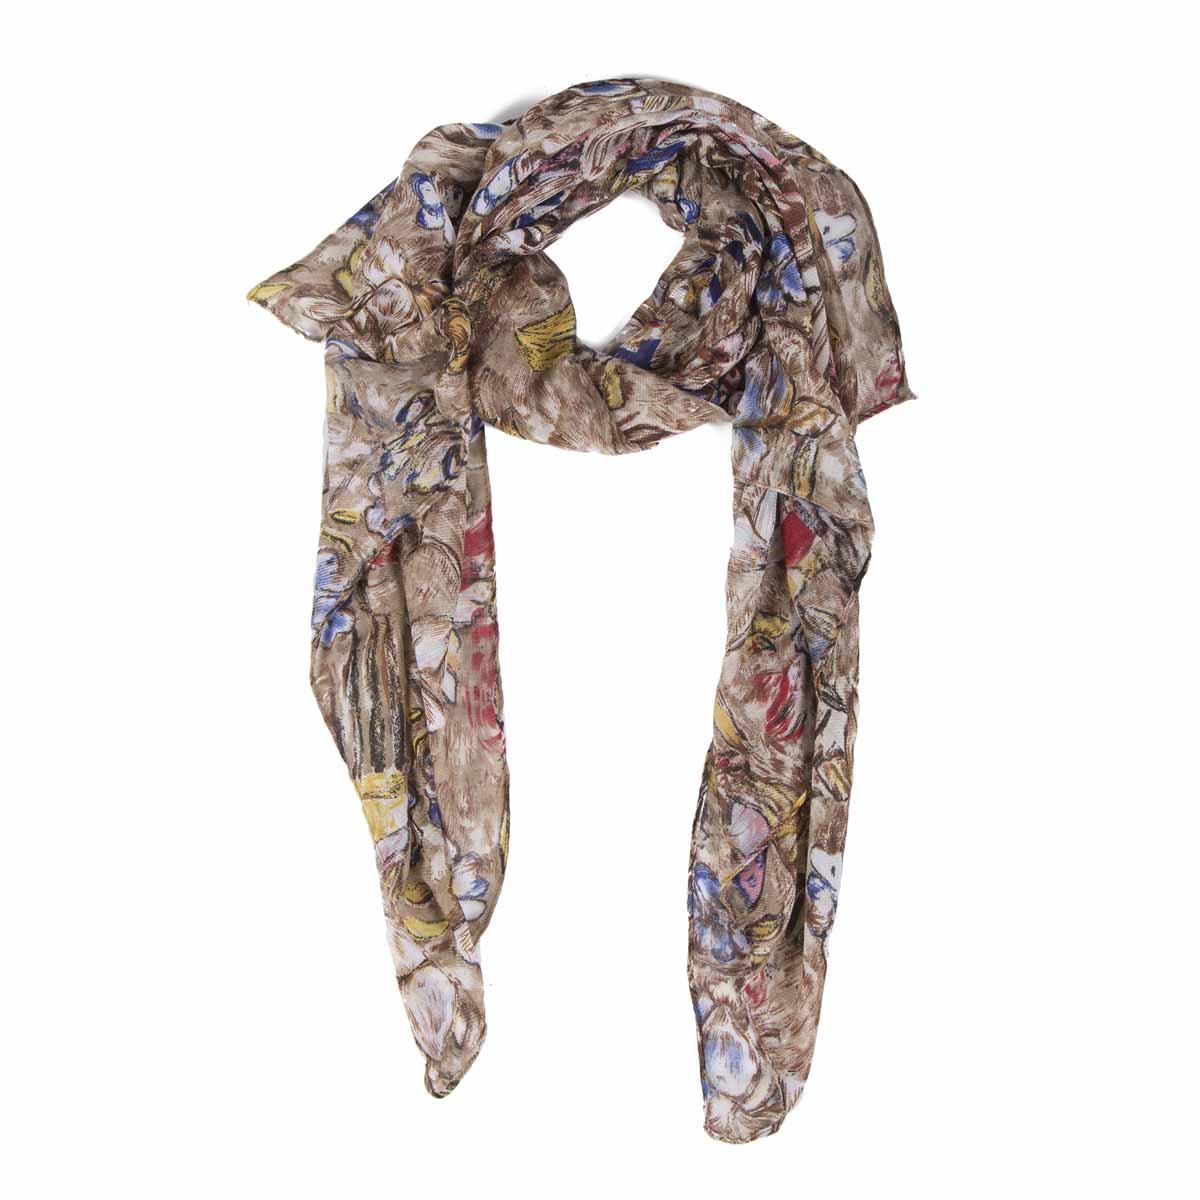 Палантин21/0437Оригинальный палантин с принтом по мотивам произведения искусства Густава Климта Дама с веером. В составе присутствует натуральная шерсть, которая придает тепло и мягкость. Интересно и красиво драпируется различными способами. С этим палантином вы всегда будете выглядеть женственной и привлекательной.